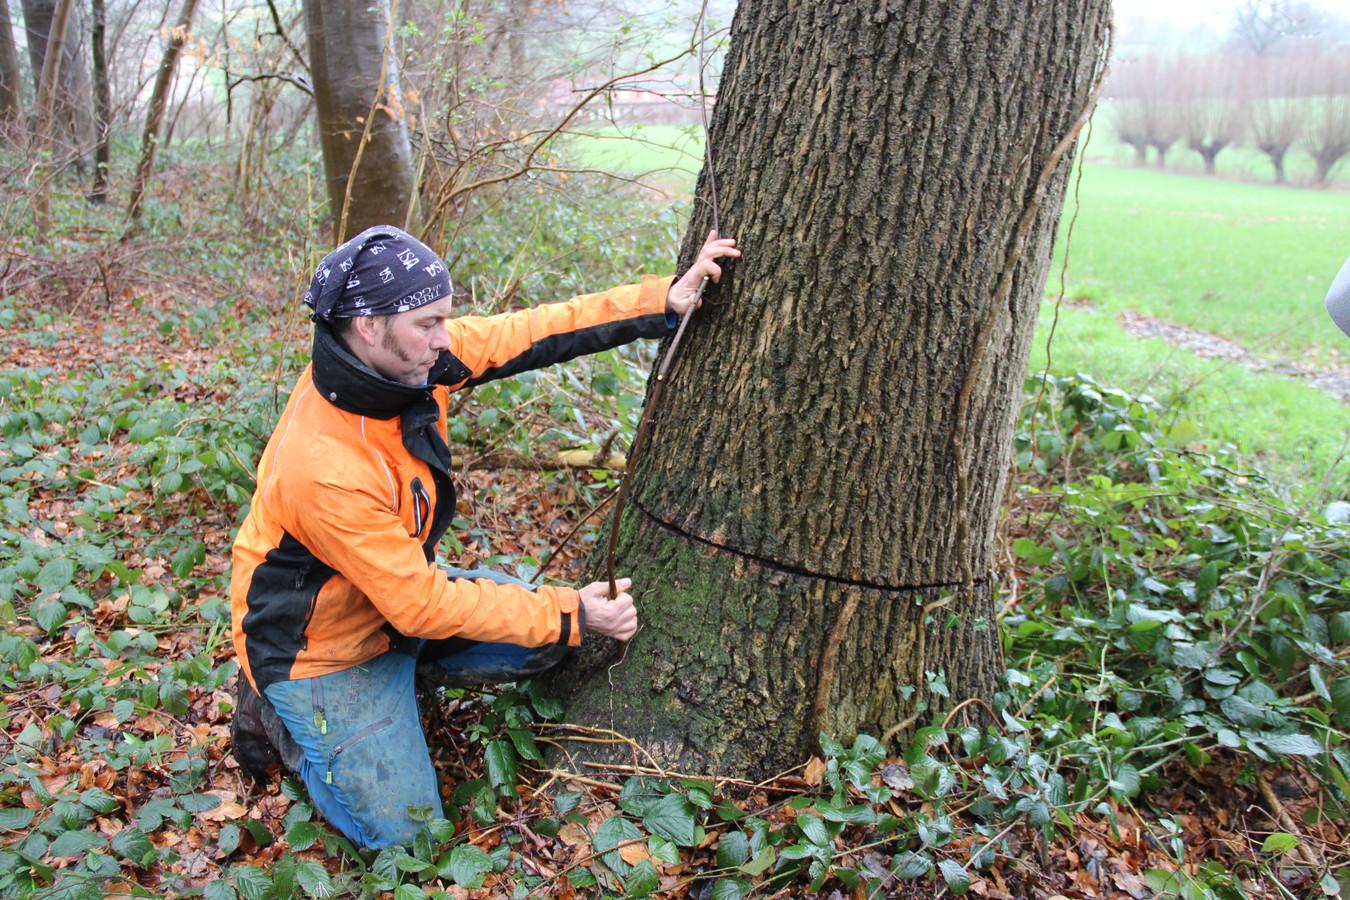 Boomverzorger Peter Vosters toont hoe de boomexpert de enten zal plaatsen op de eiken.